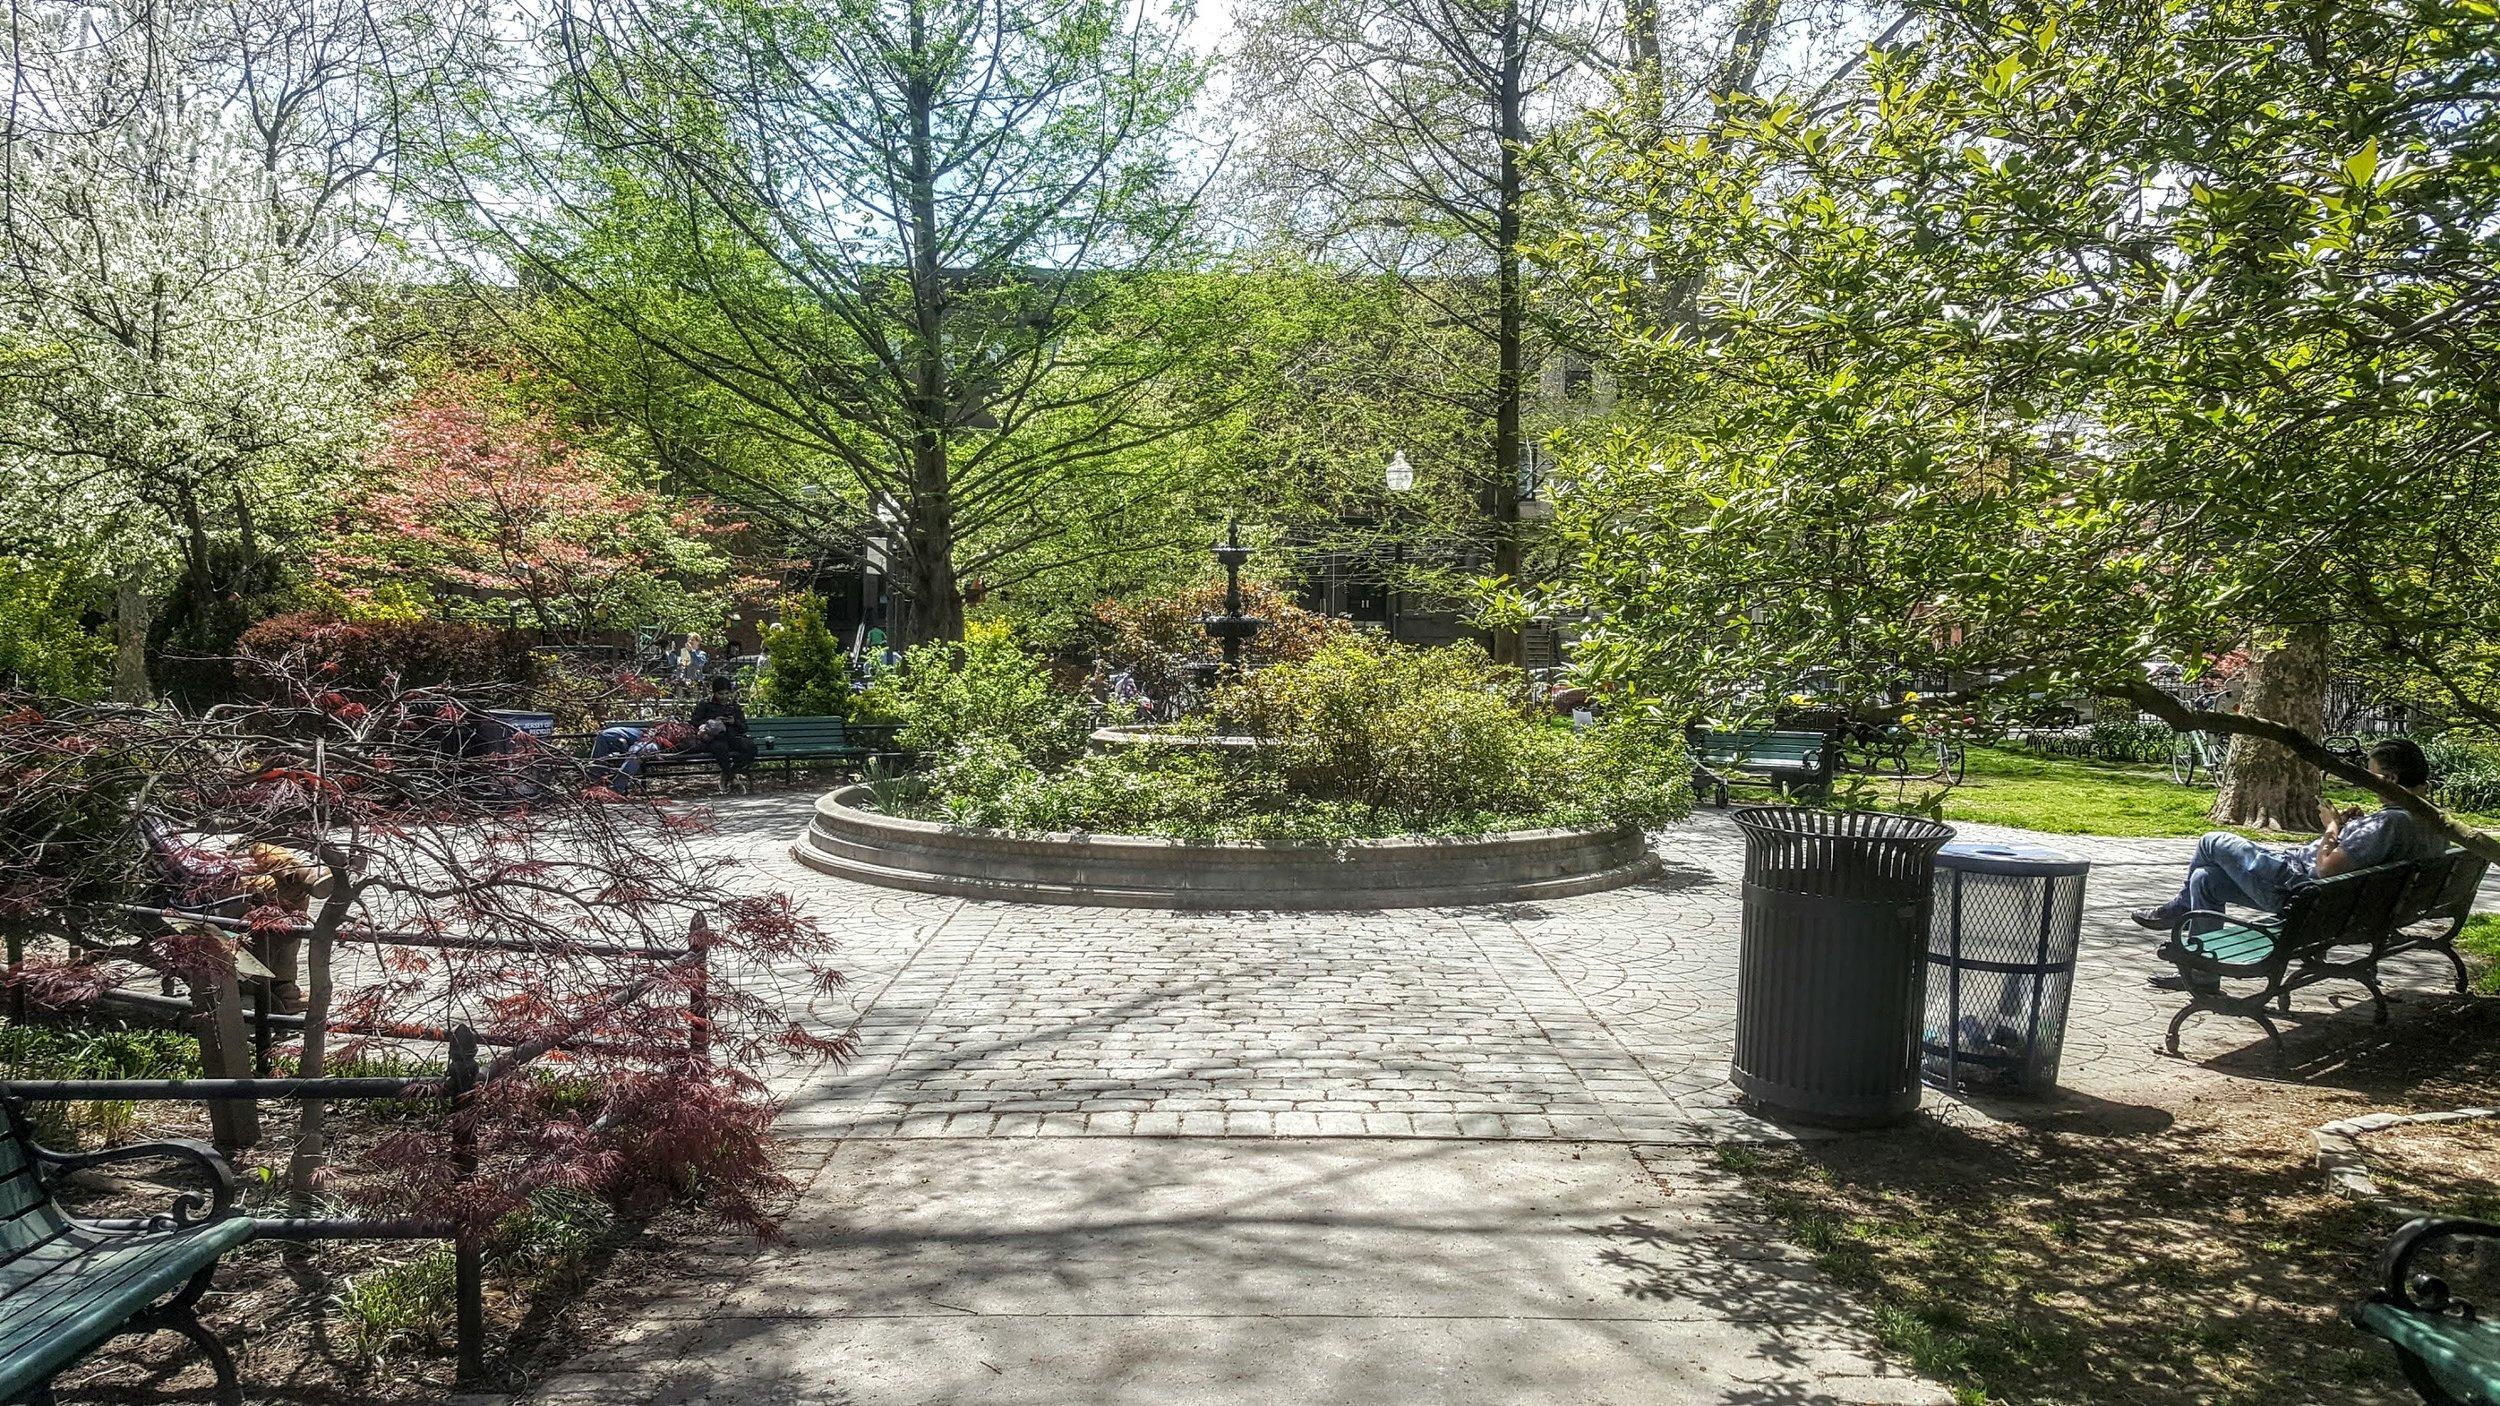 The fountain in Van Vorst Park.